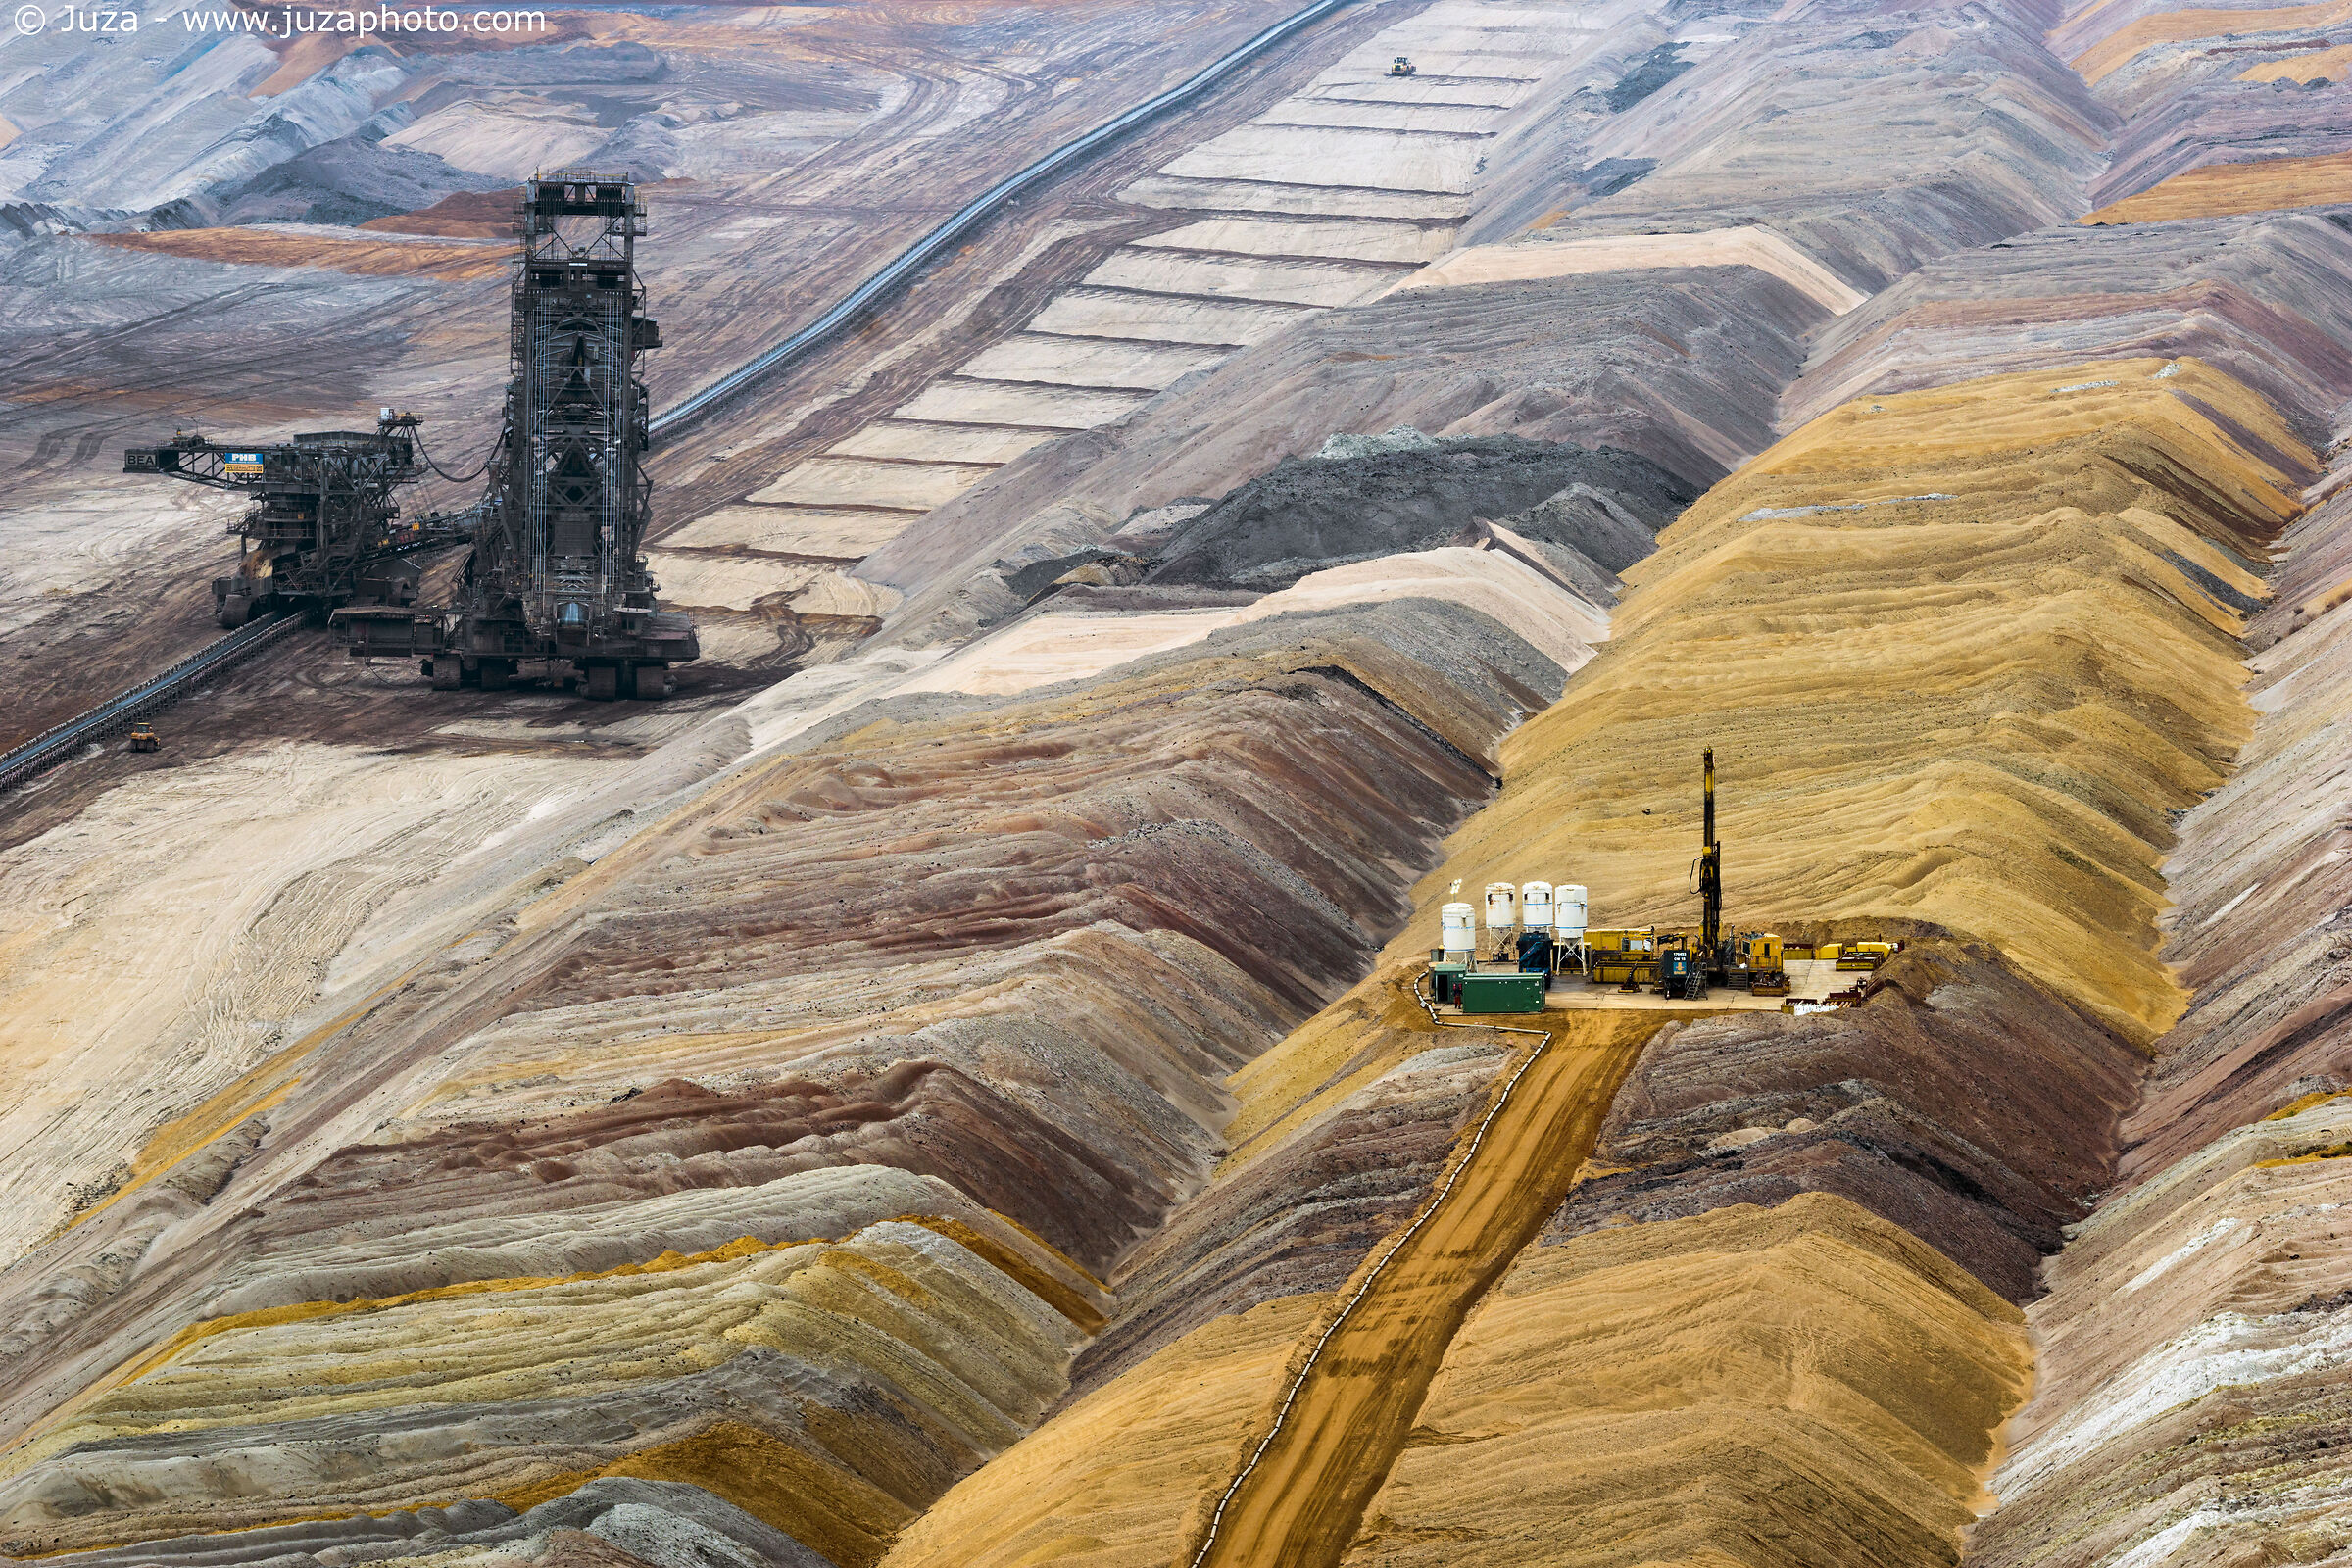 La miniera di Etzweiler...